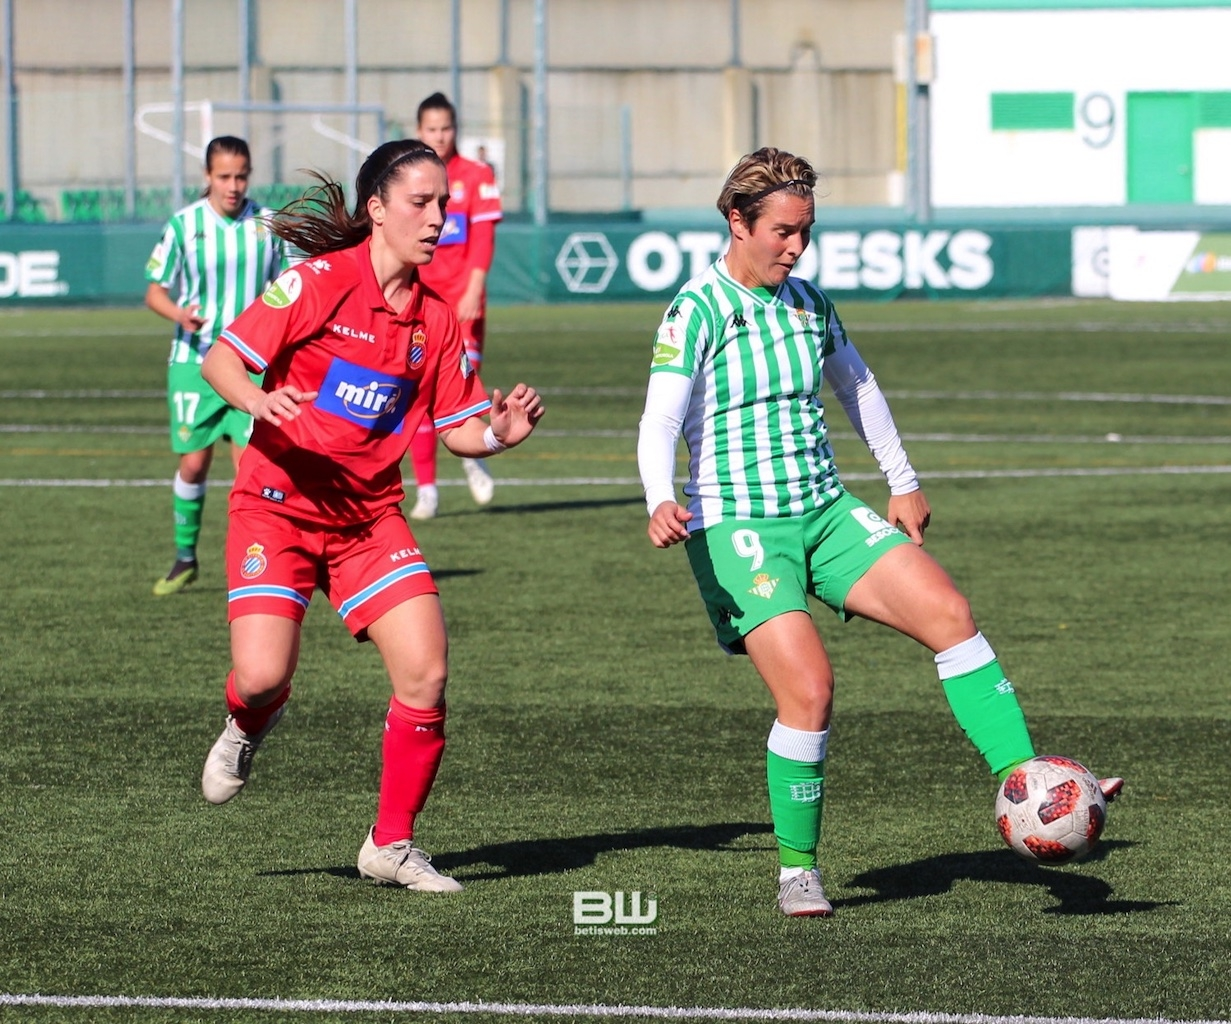 J18 Betis Fem - Espanyol 136